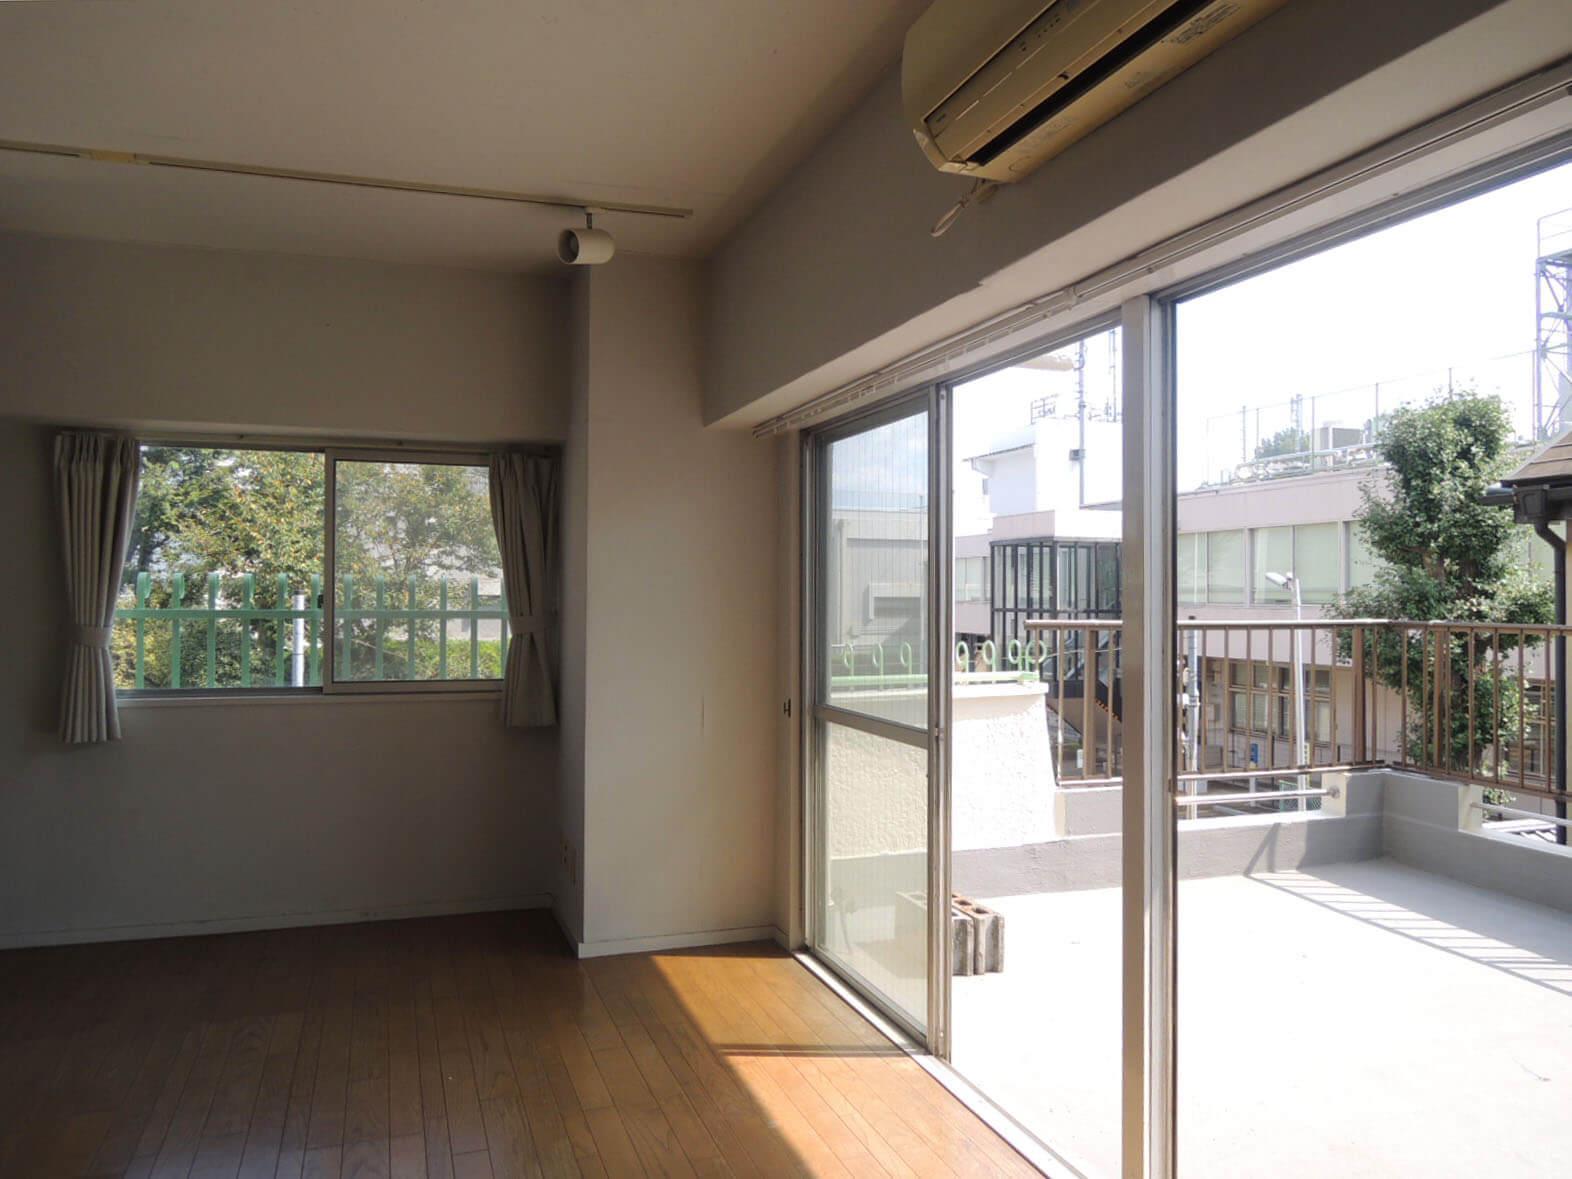 ワイドな窓辺と角部屋の開放感がうれしい!